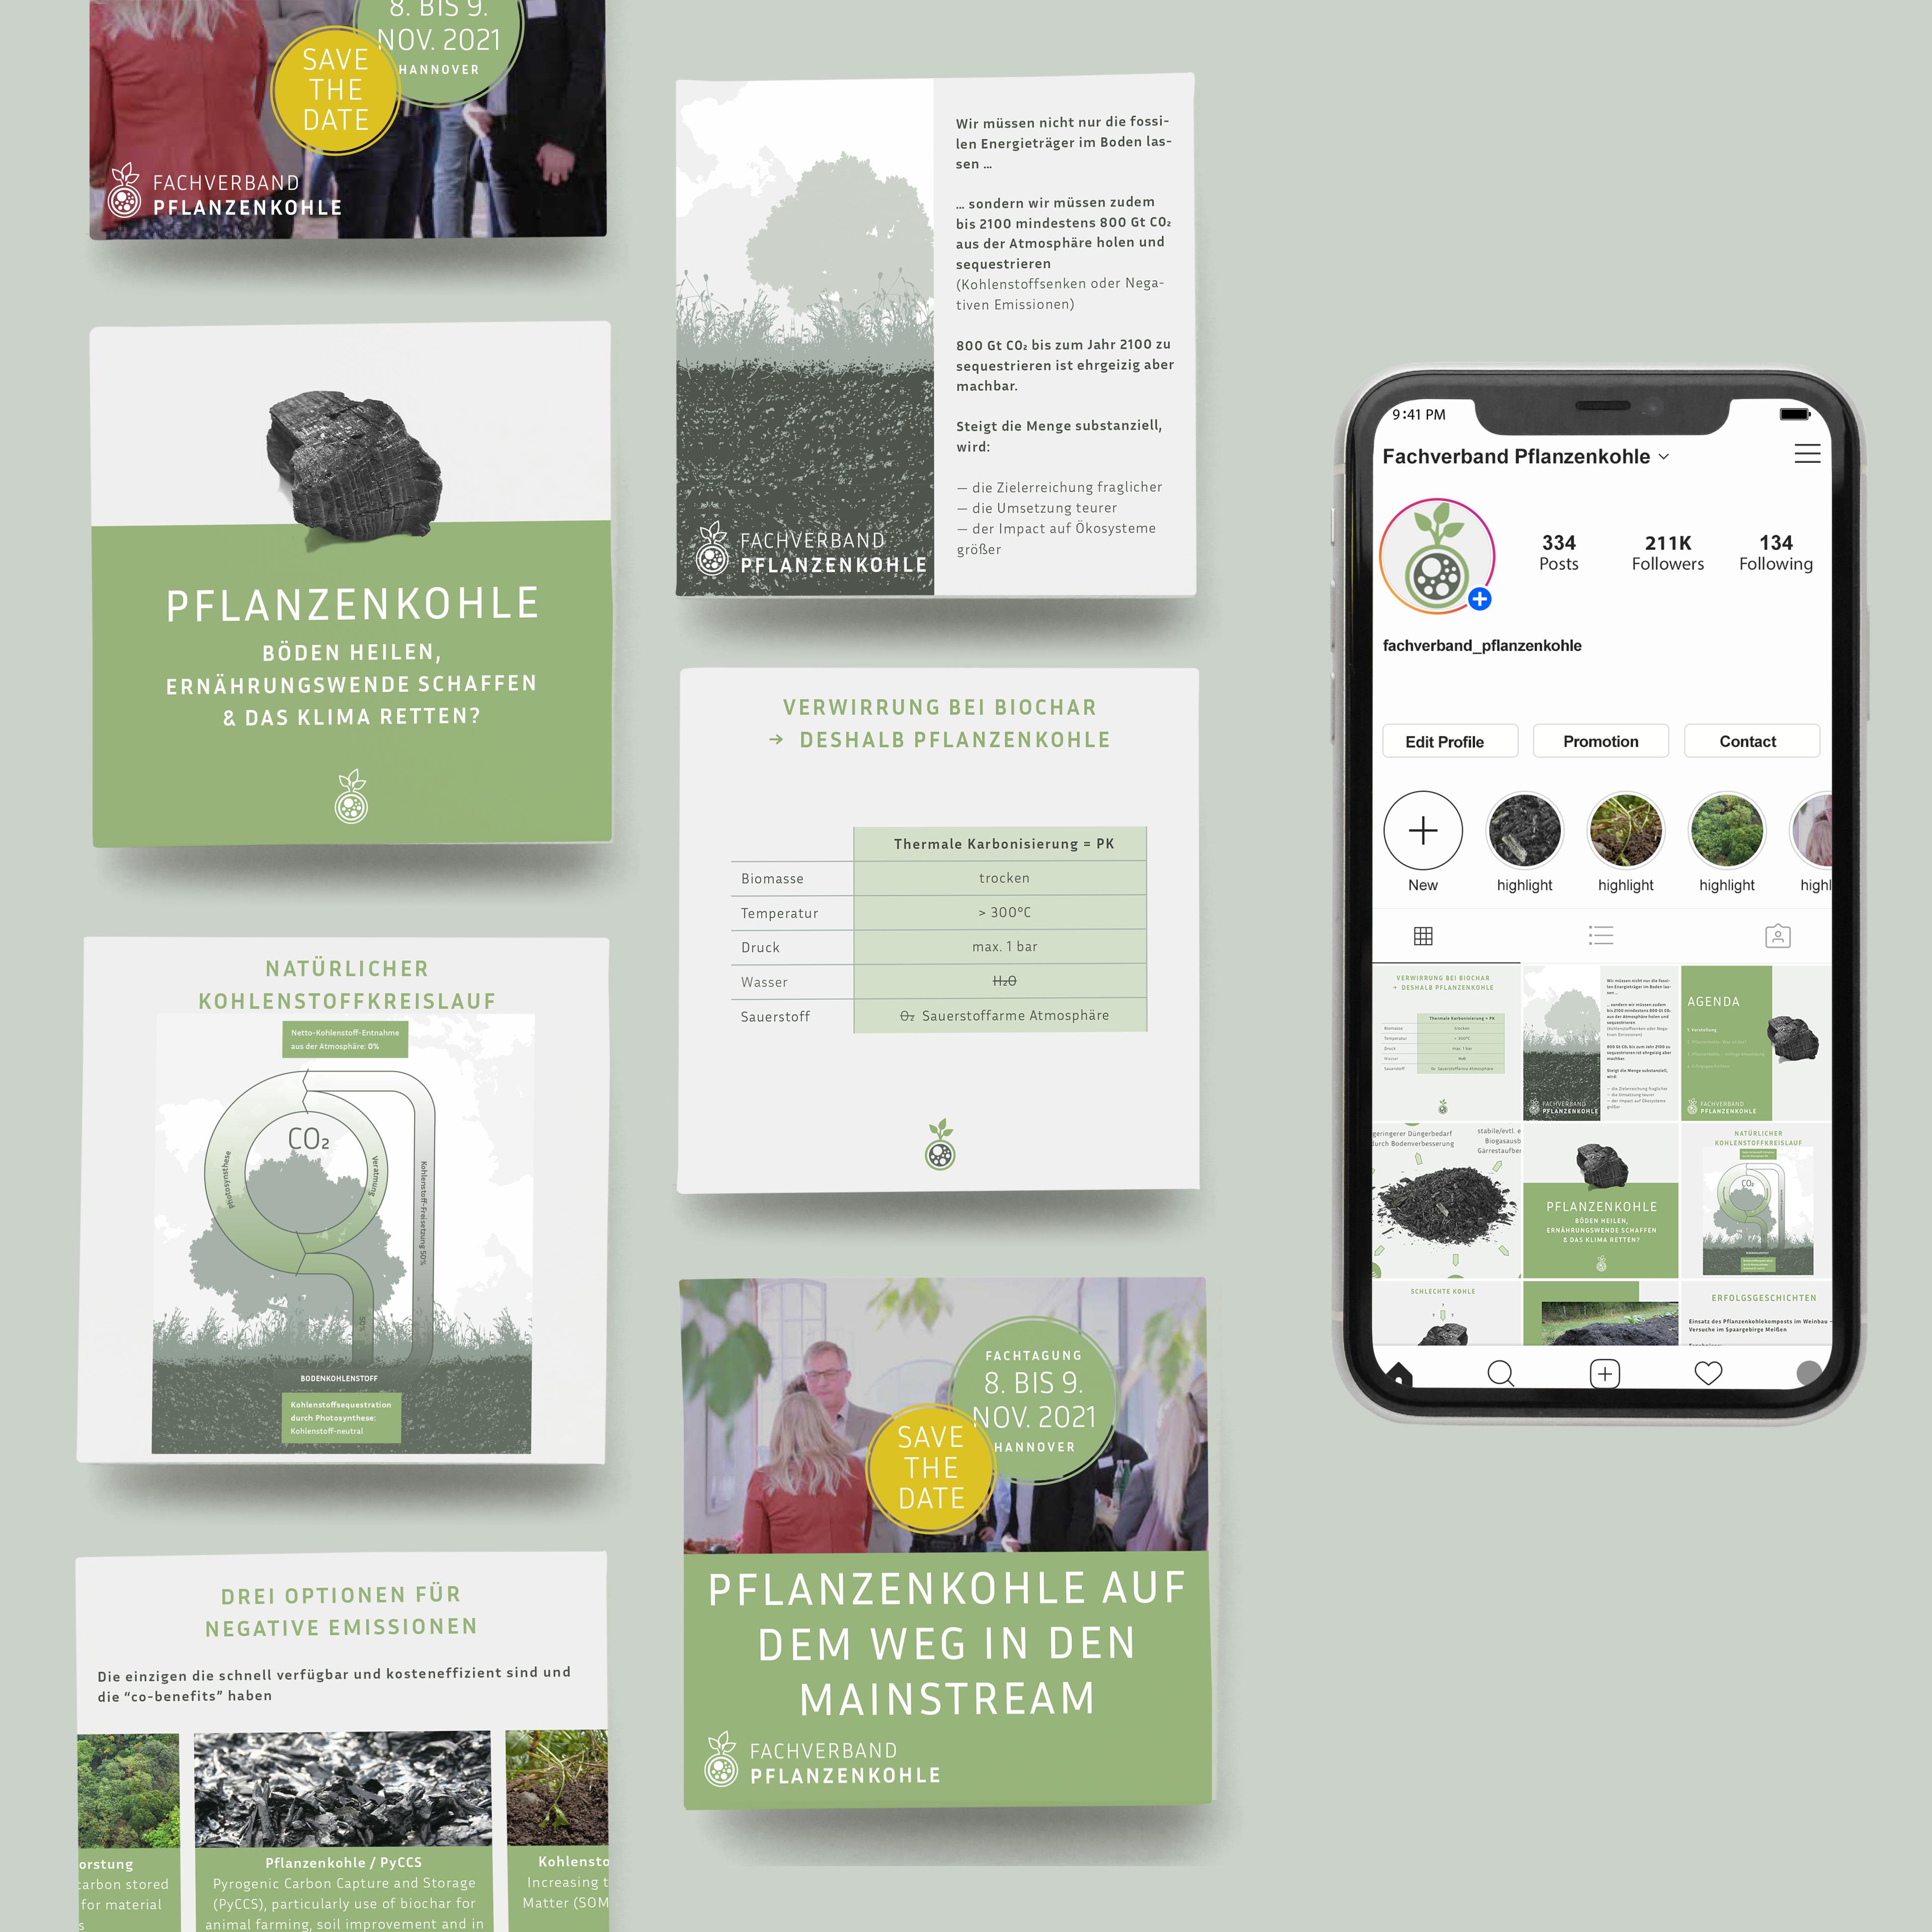 verschiedene Instagram Posts im Design des Fachverbandes Pflanzenkohle